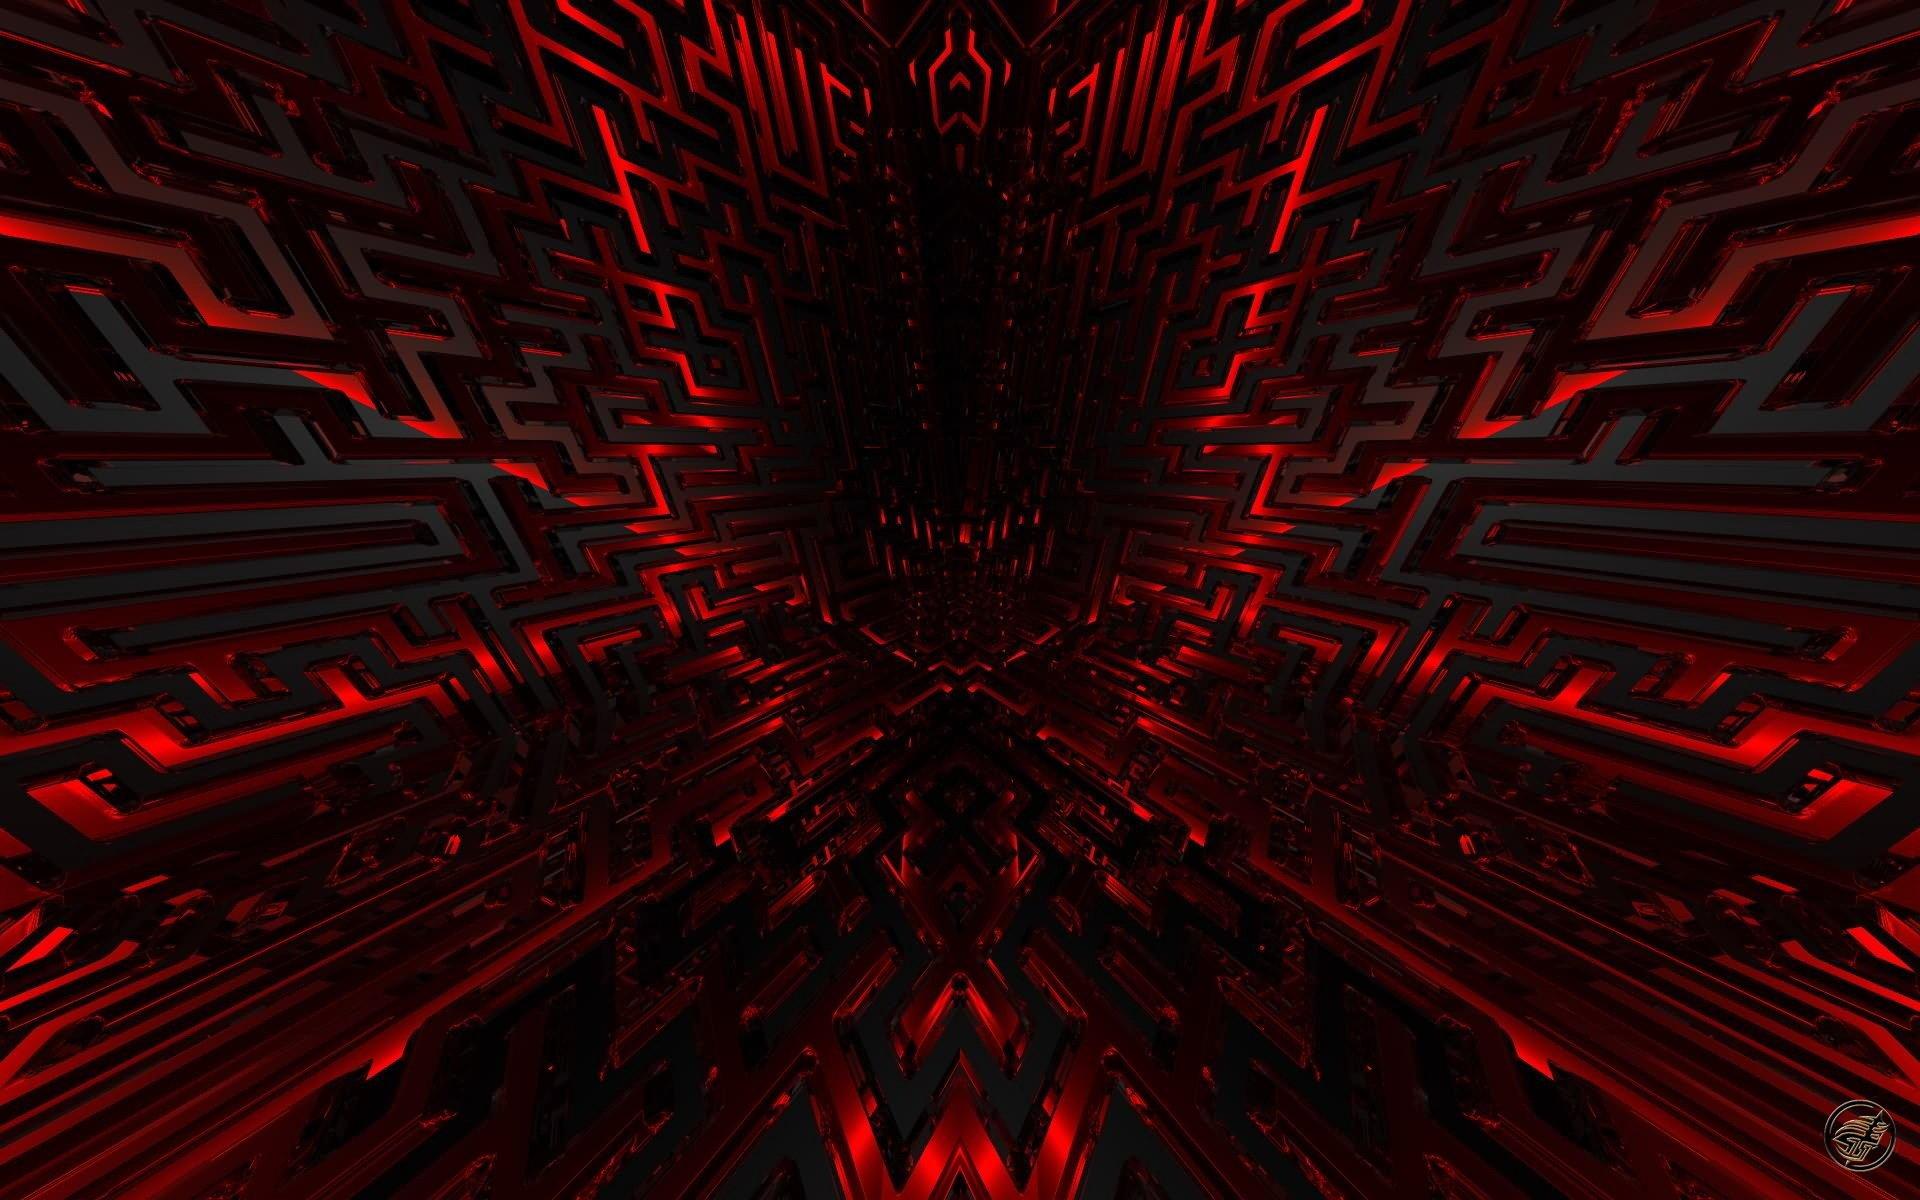 Rosso Hd Wallpaper Sfondi 1920x1200 Id376253 Wallpaper Abyss